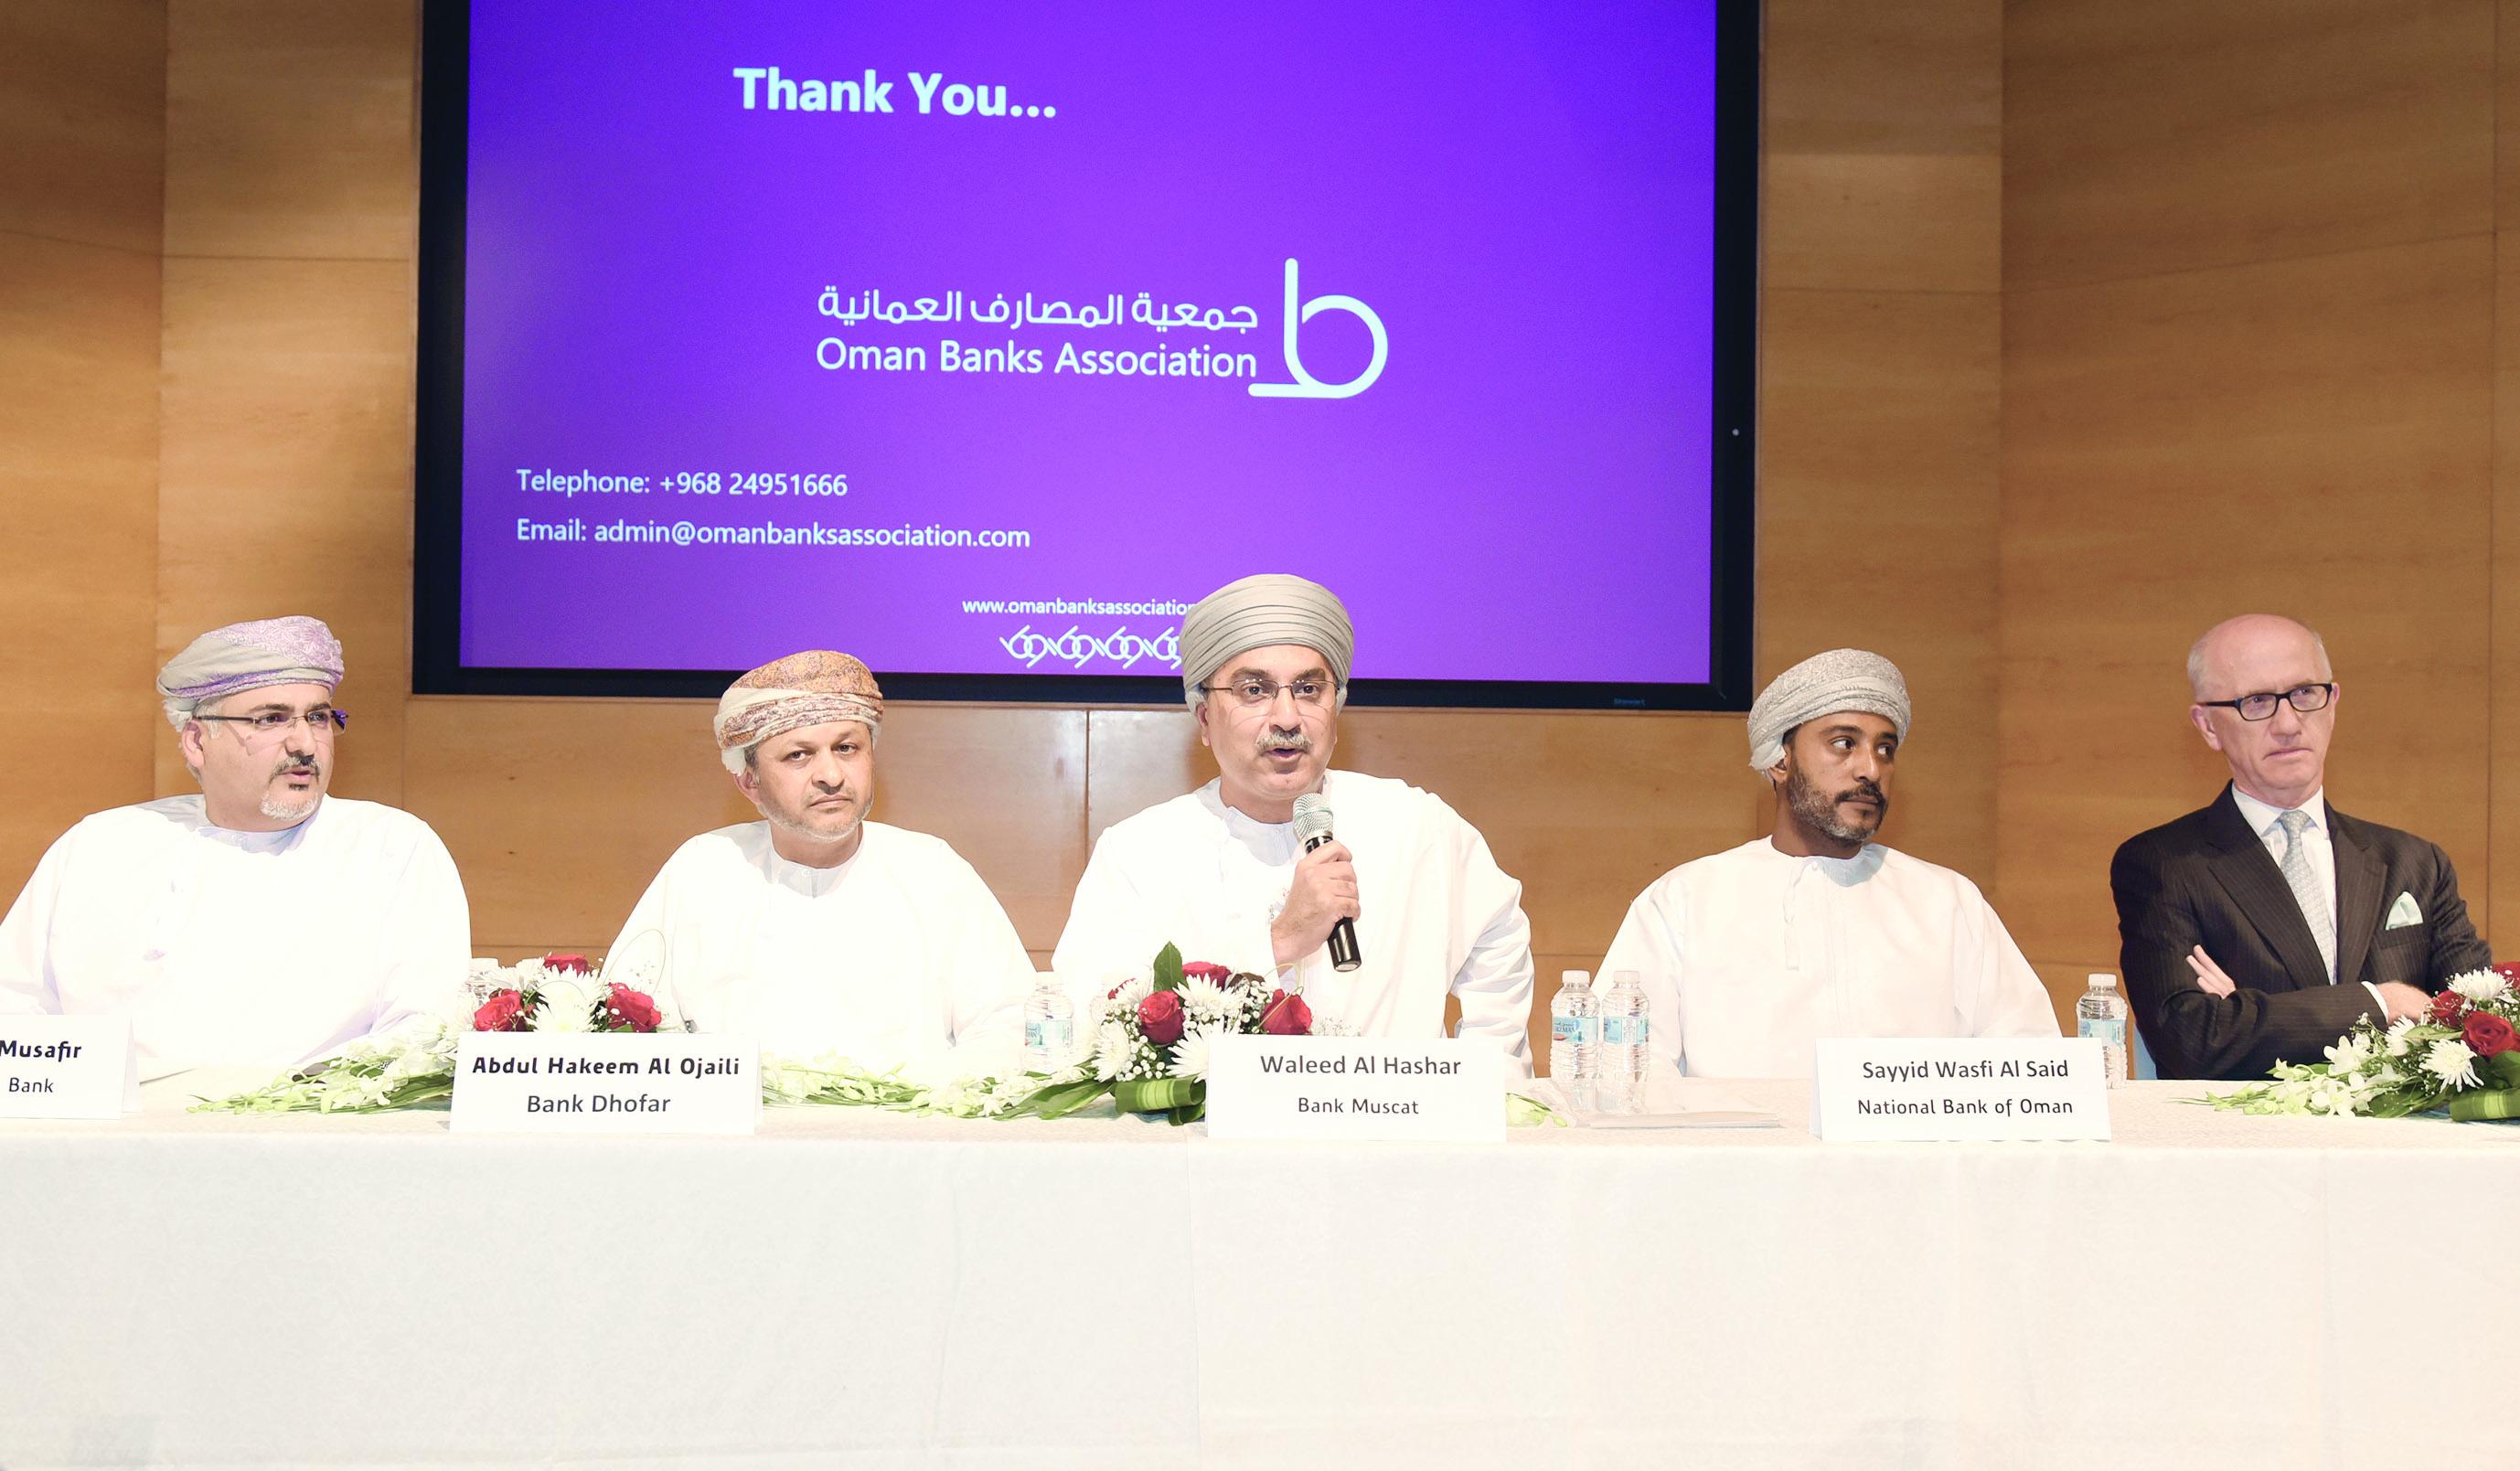 اجتماع الجمعية العمومية لجمعية المصارف العمانية